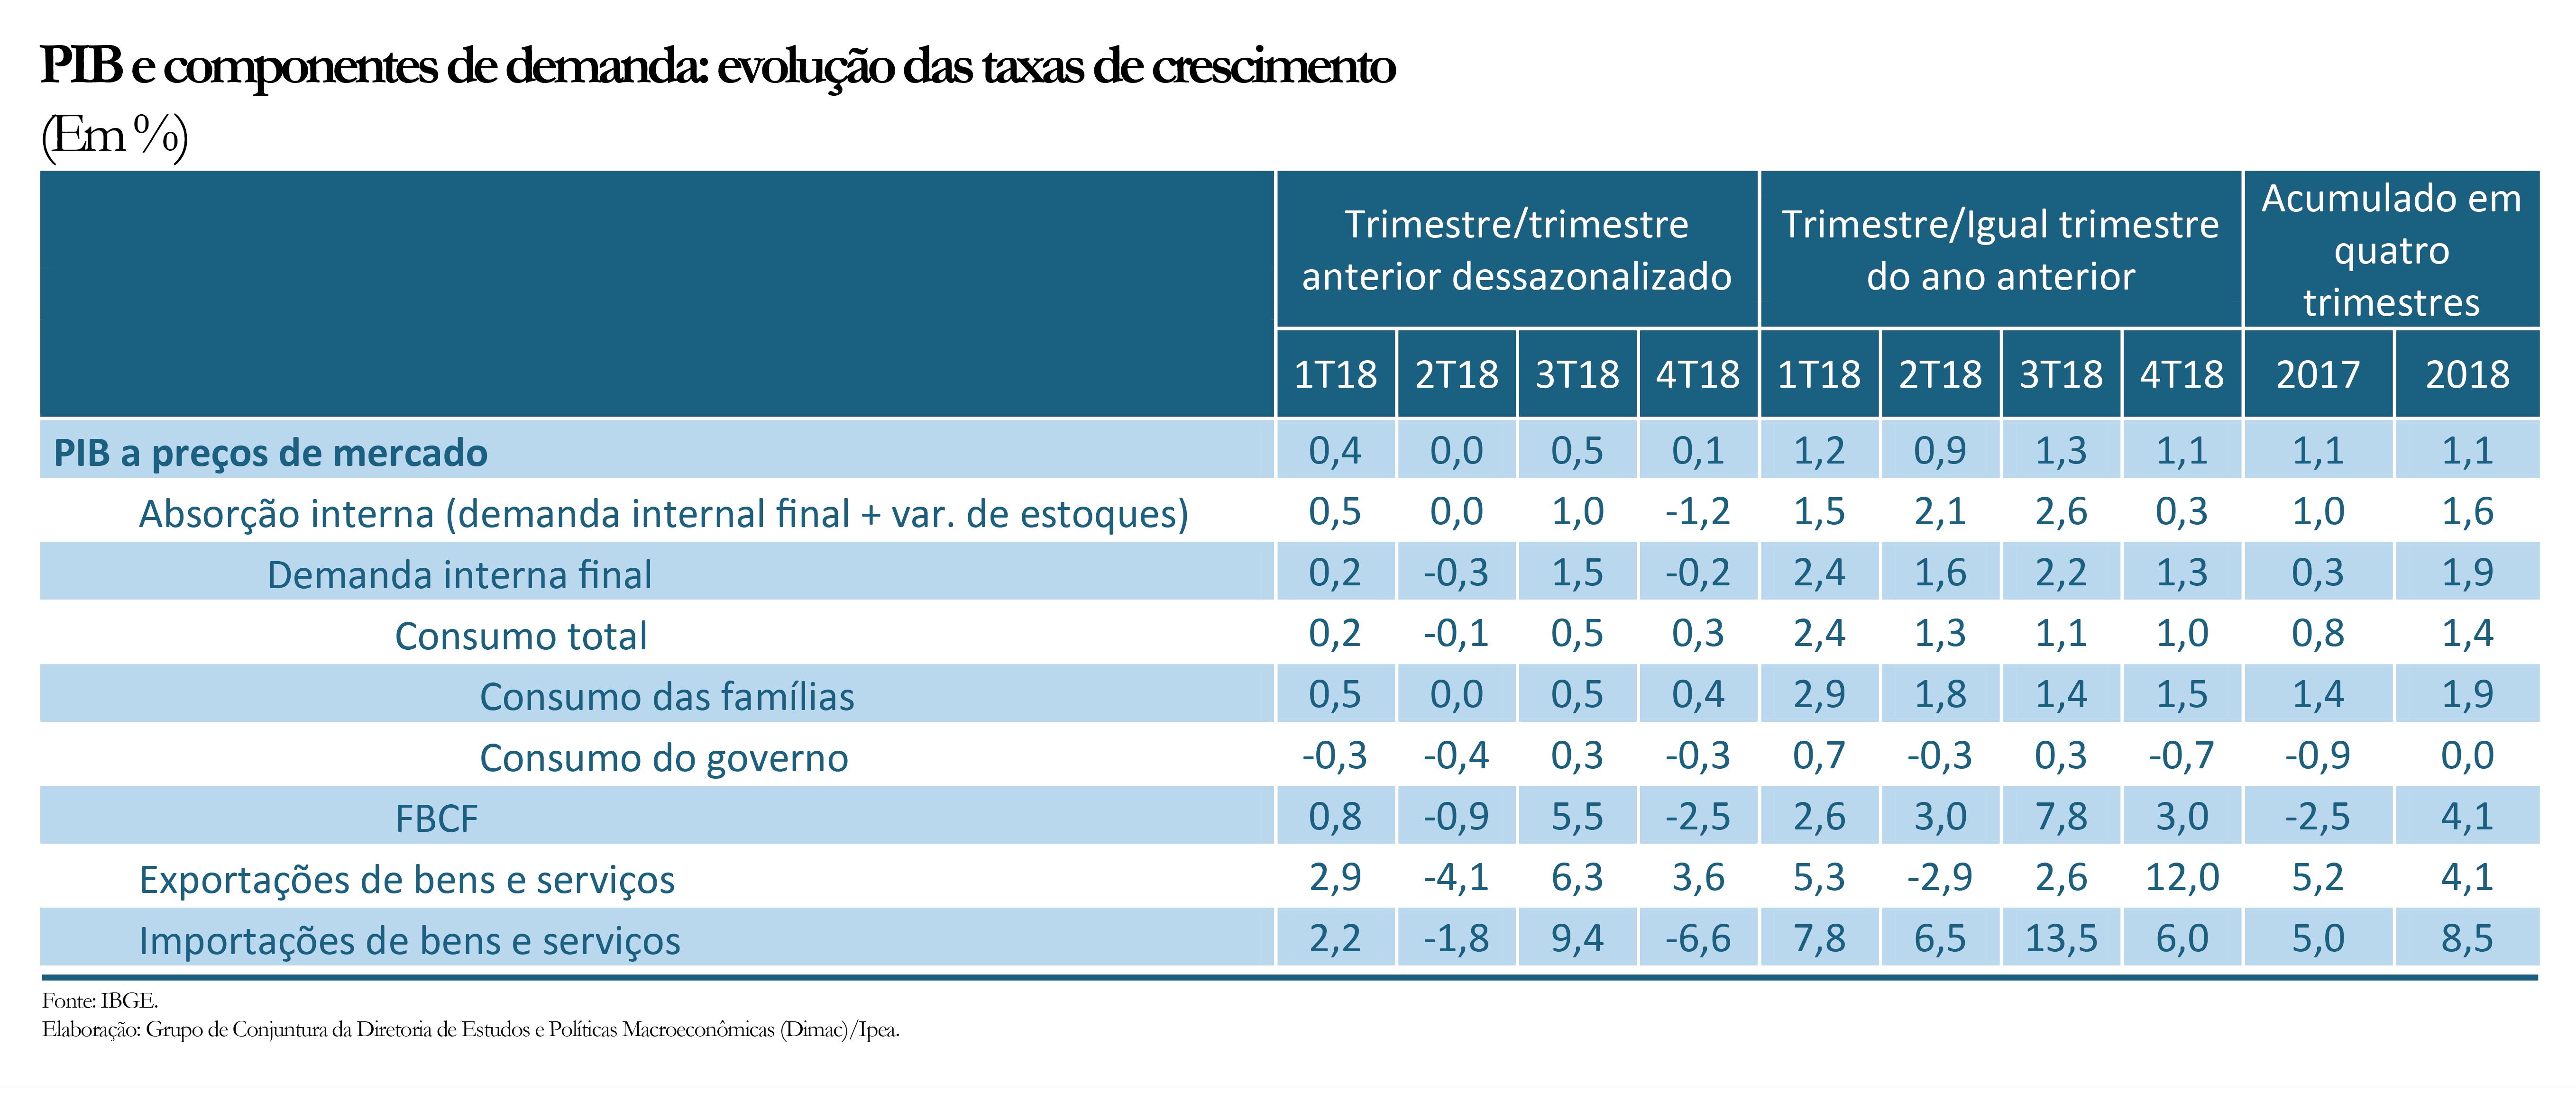 PIB e componentes de demanda- evolução das taxas de crescimento